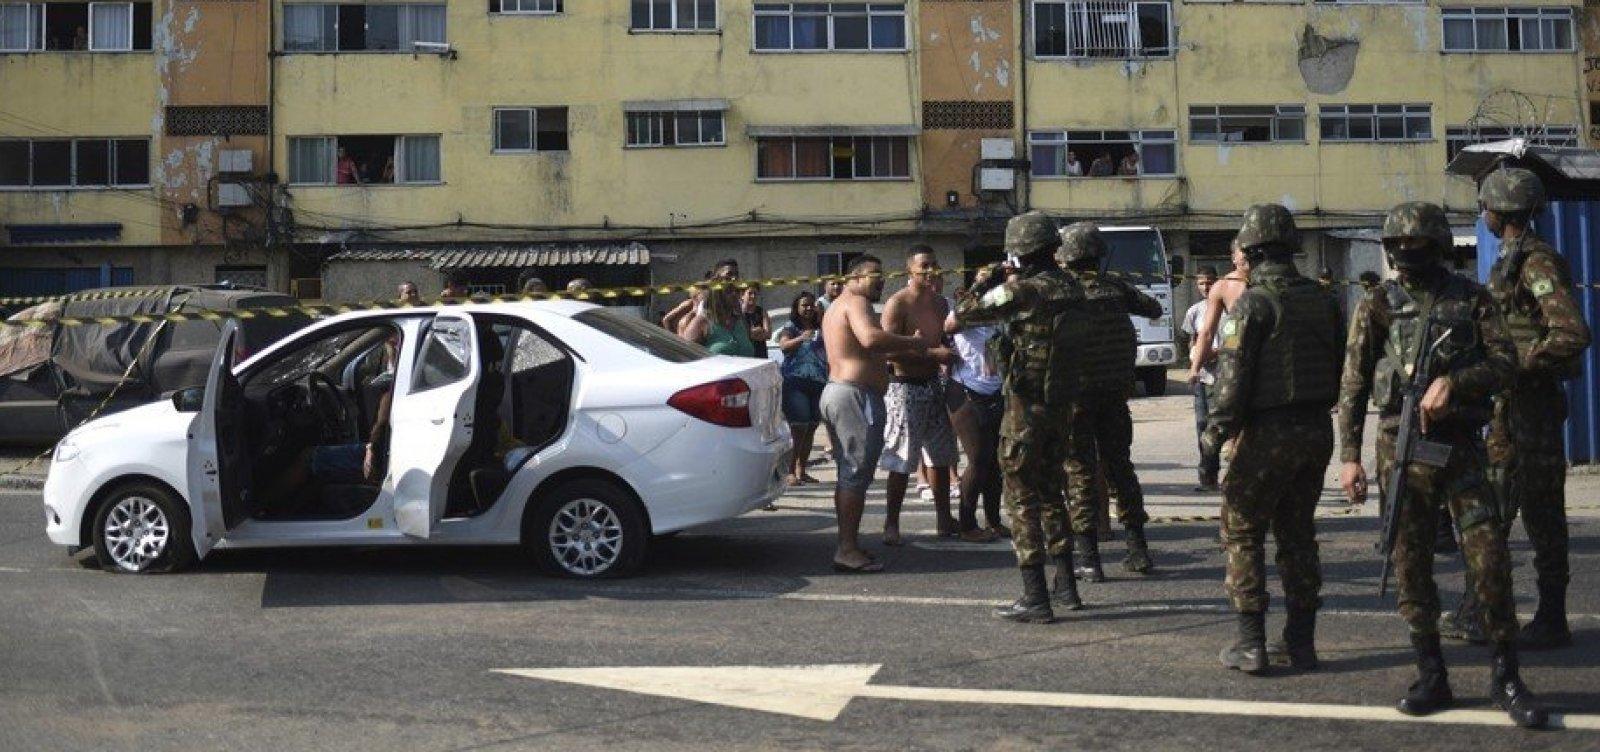 STM libera 9 dos militares que fuzilaram carro de músico no Rio